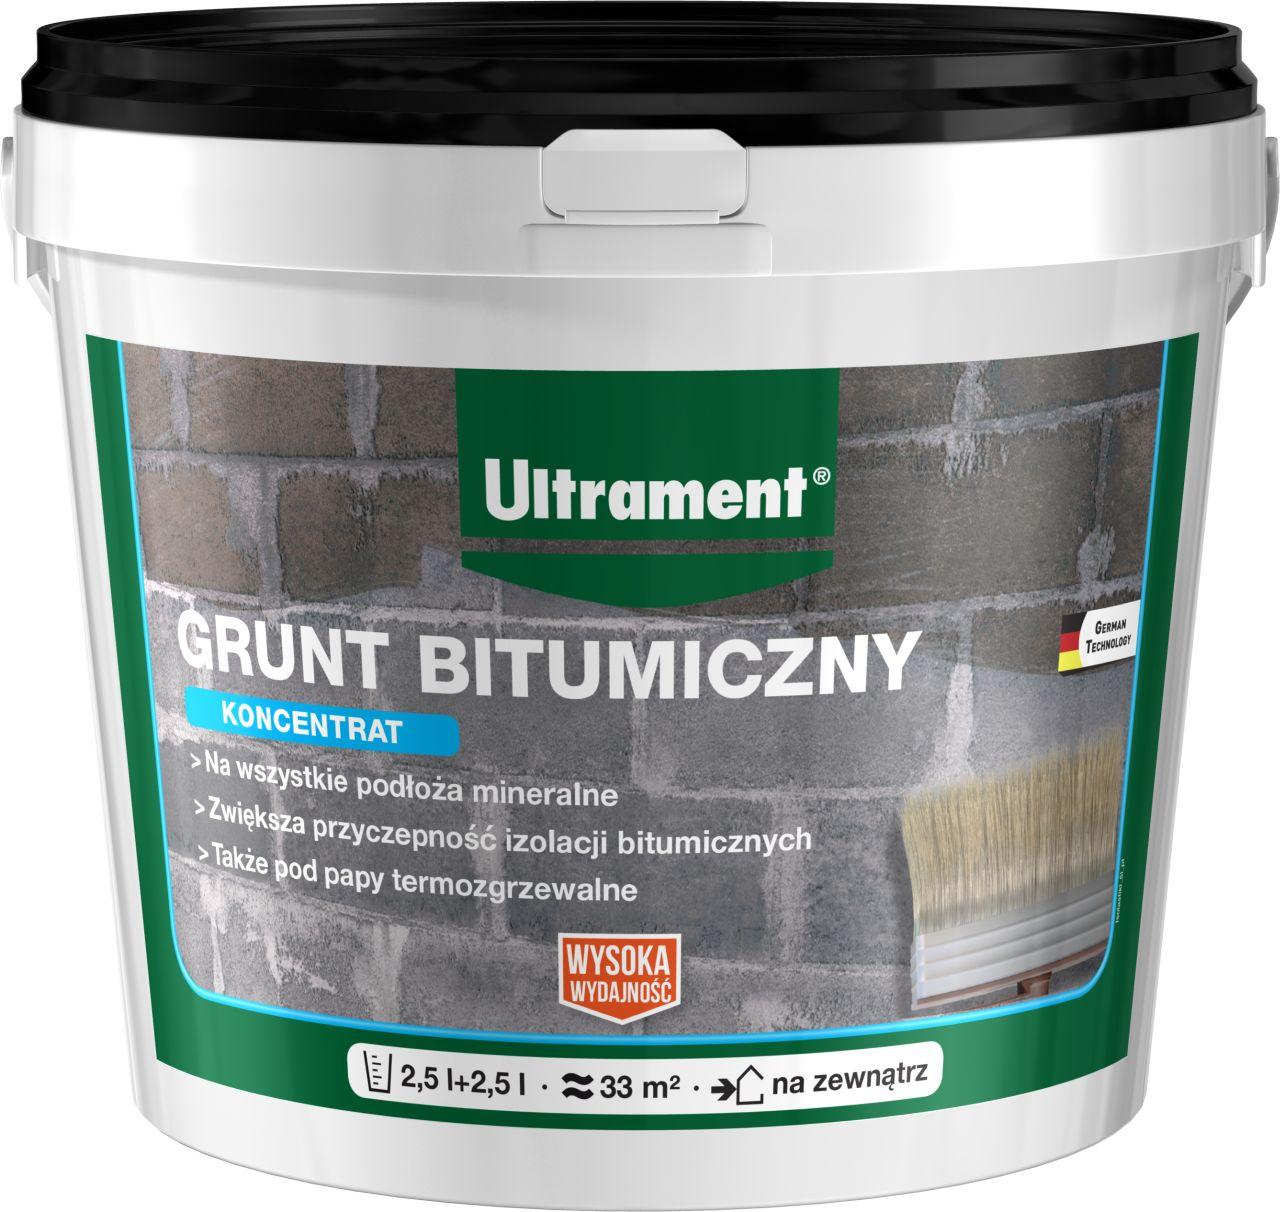 Produkty do izolacji Ultrament